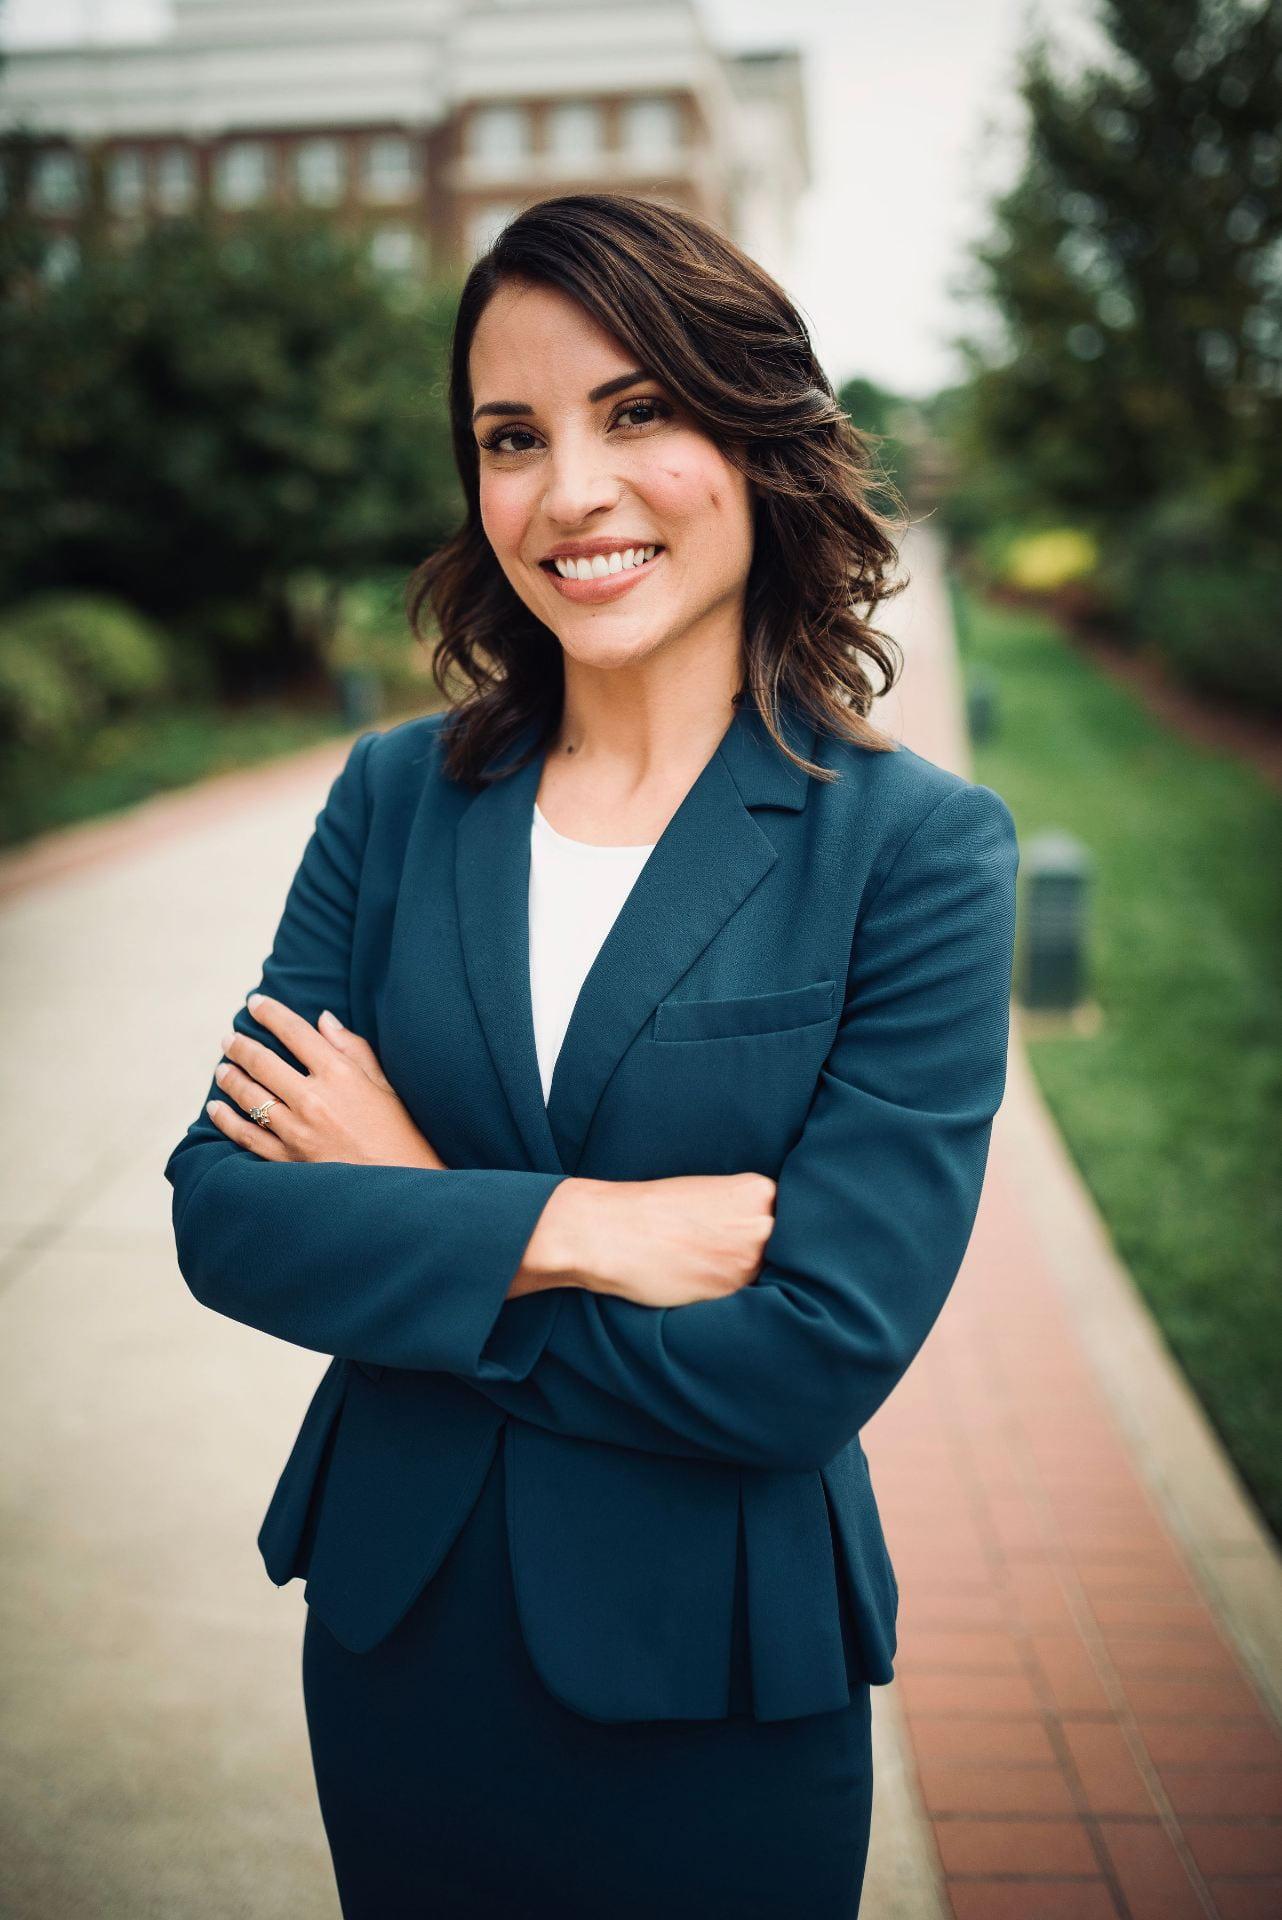 Marisa Garcia - Executive Symposium Editor